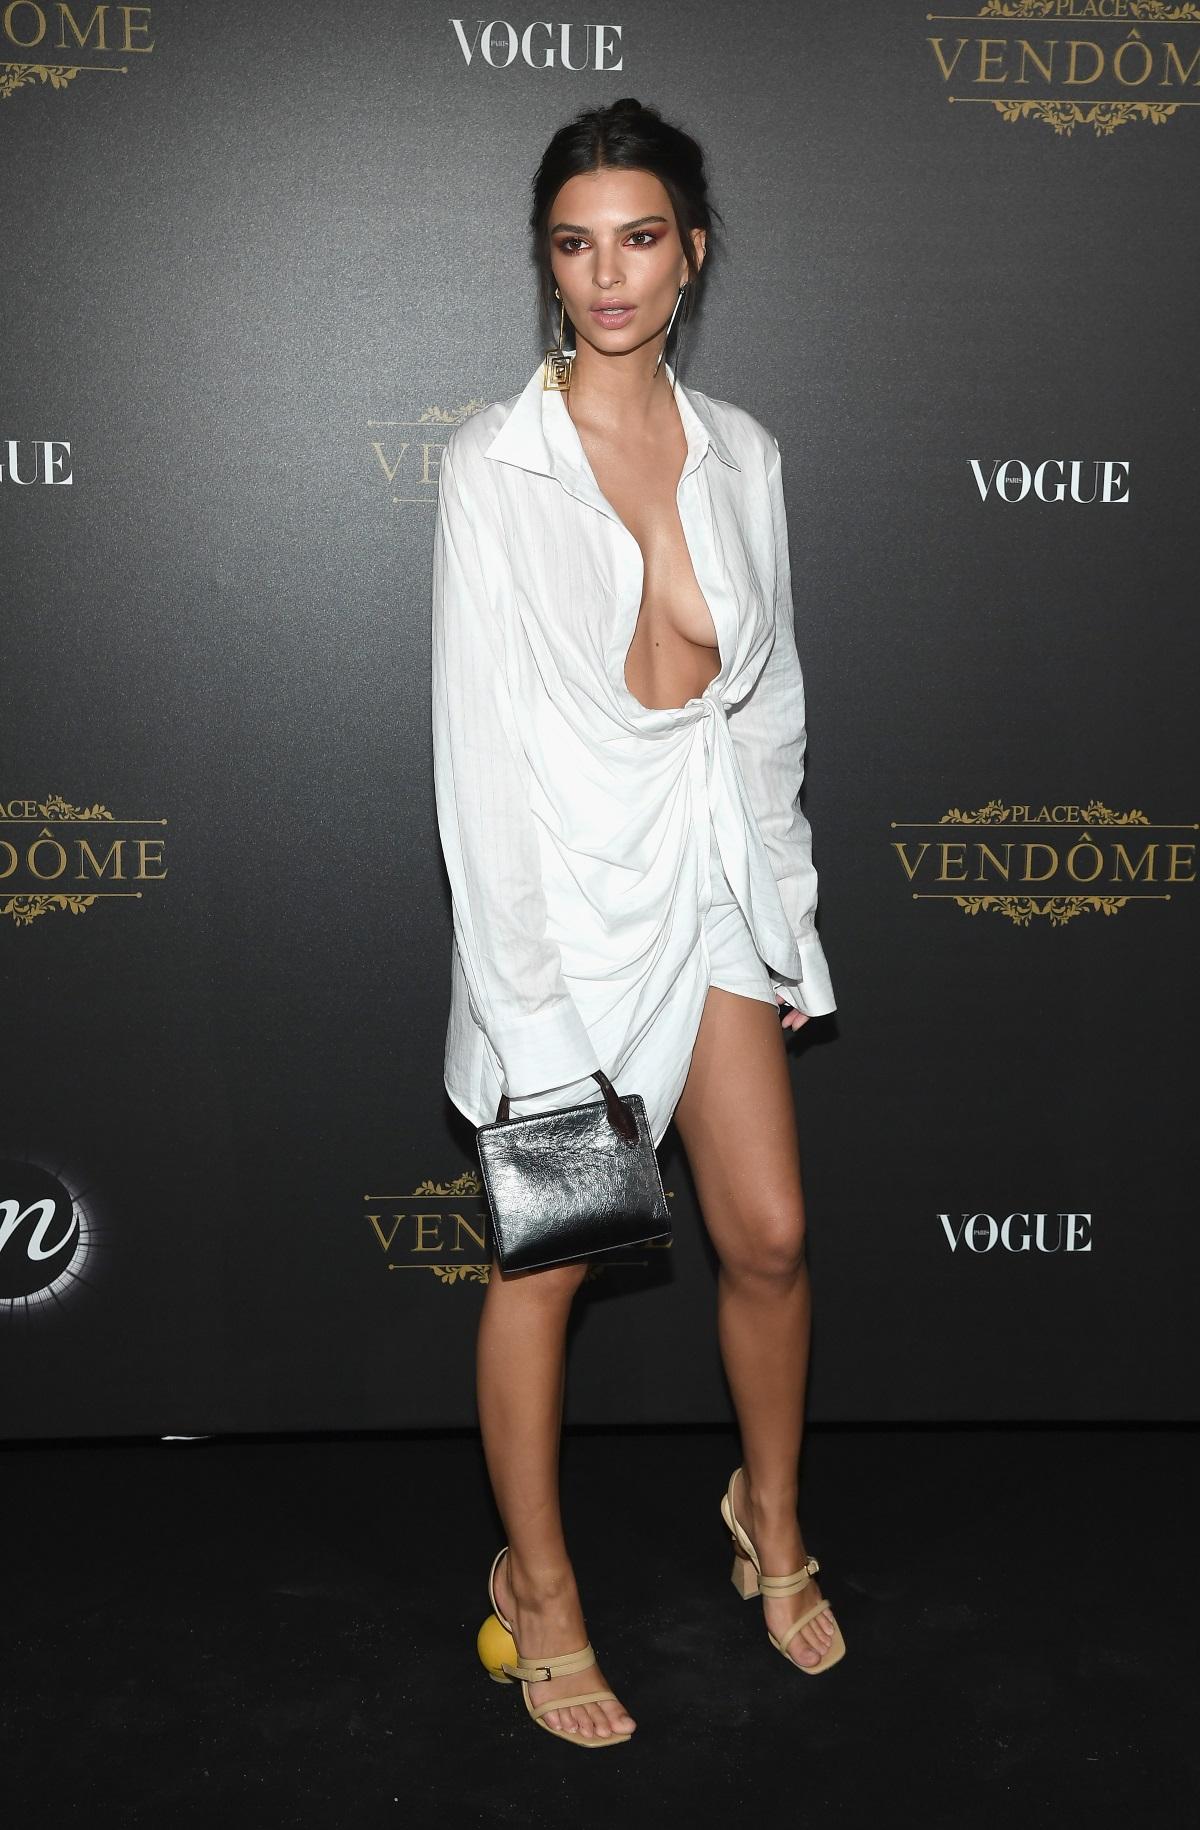 Моделът и актриса Емили Ратайковски на Седмицата на модата в Париж (2017 г.)